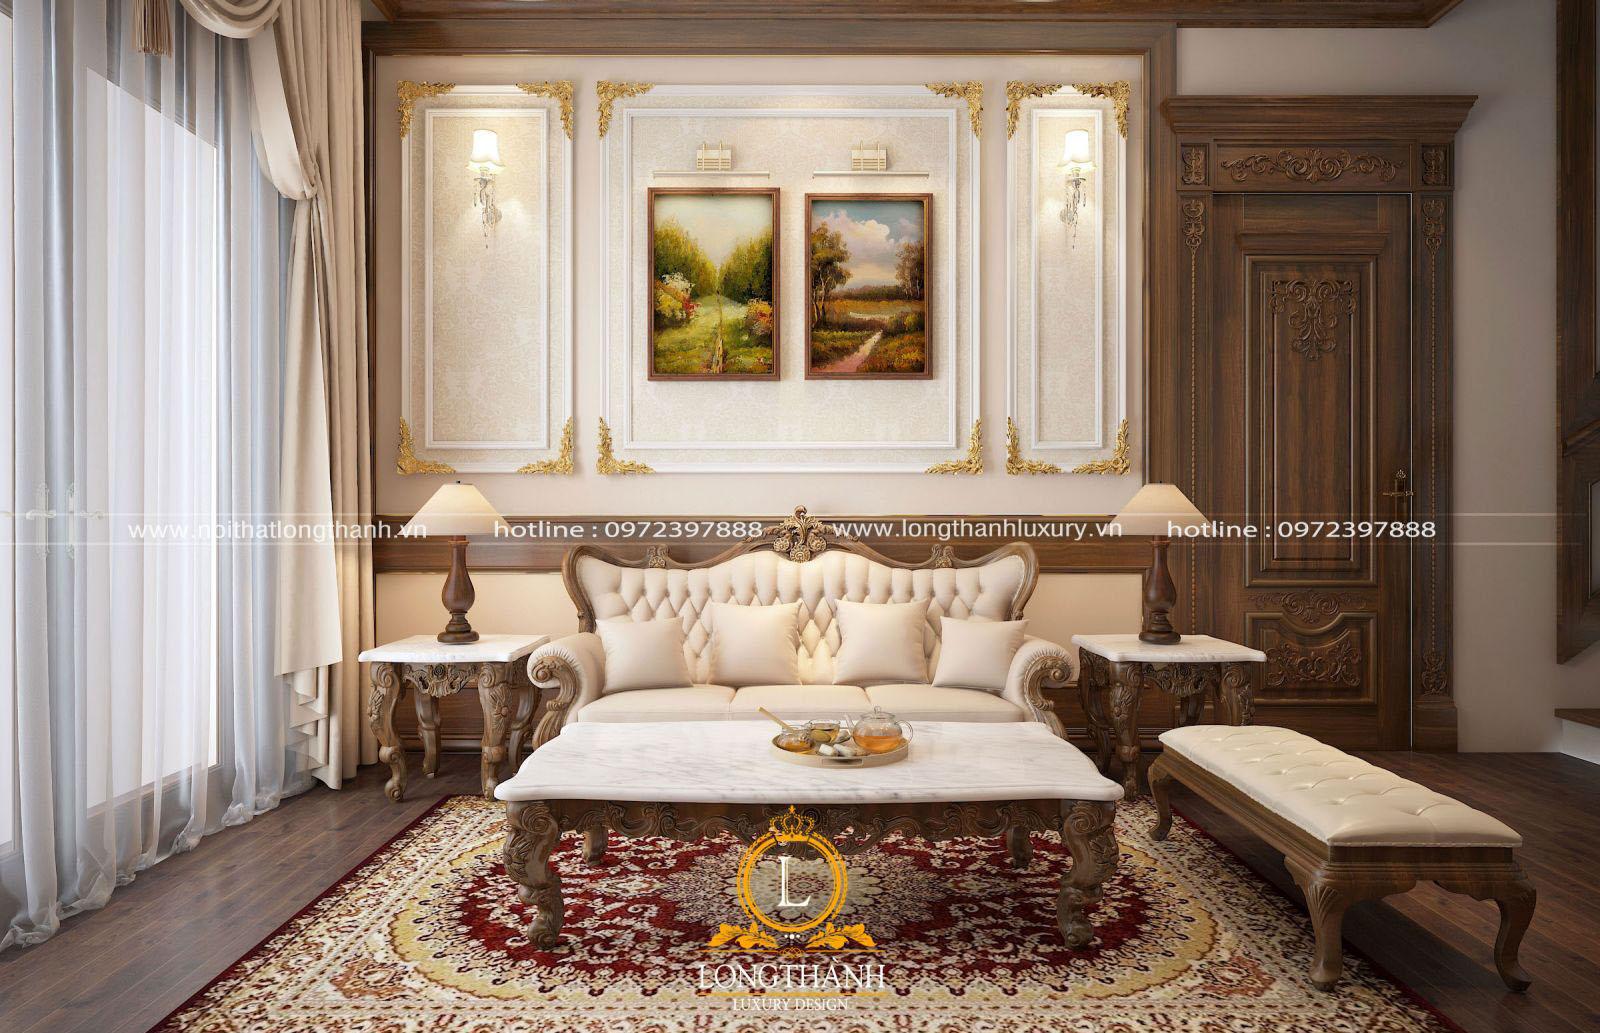 Những hình chữ nhật được sử dụng khéo léo tạo nên tỷ lệ vàng nội thất